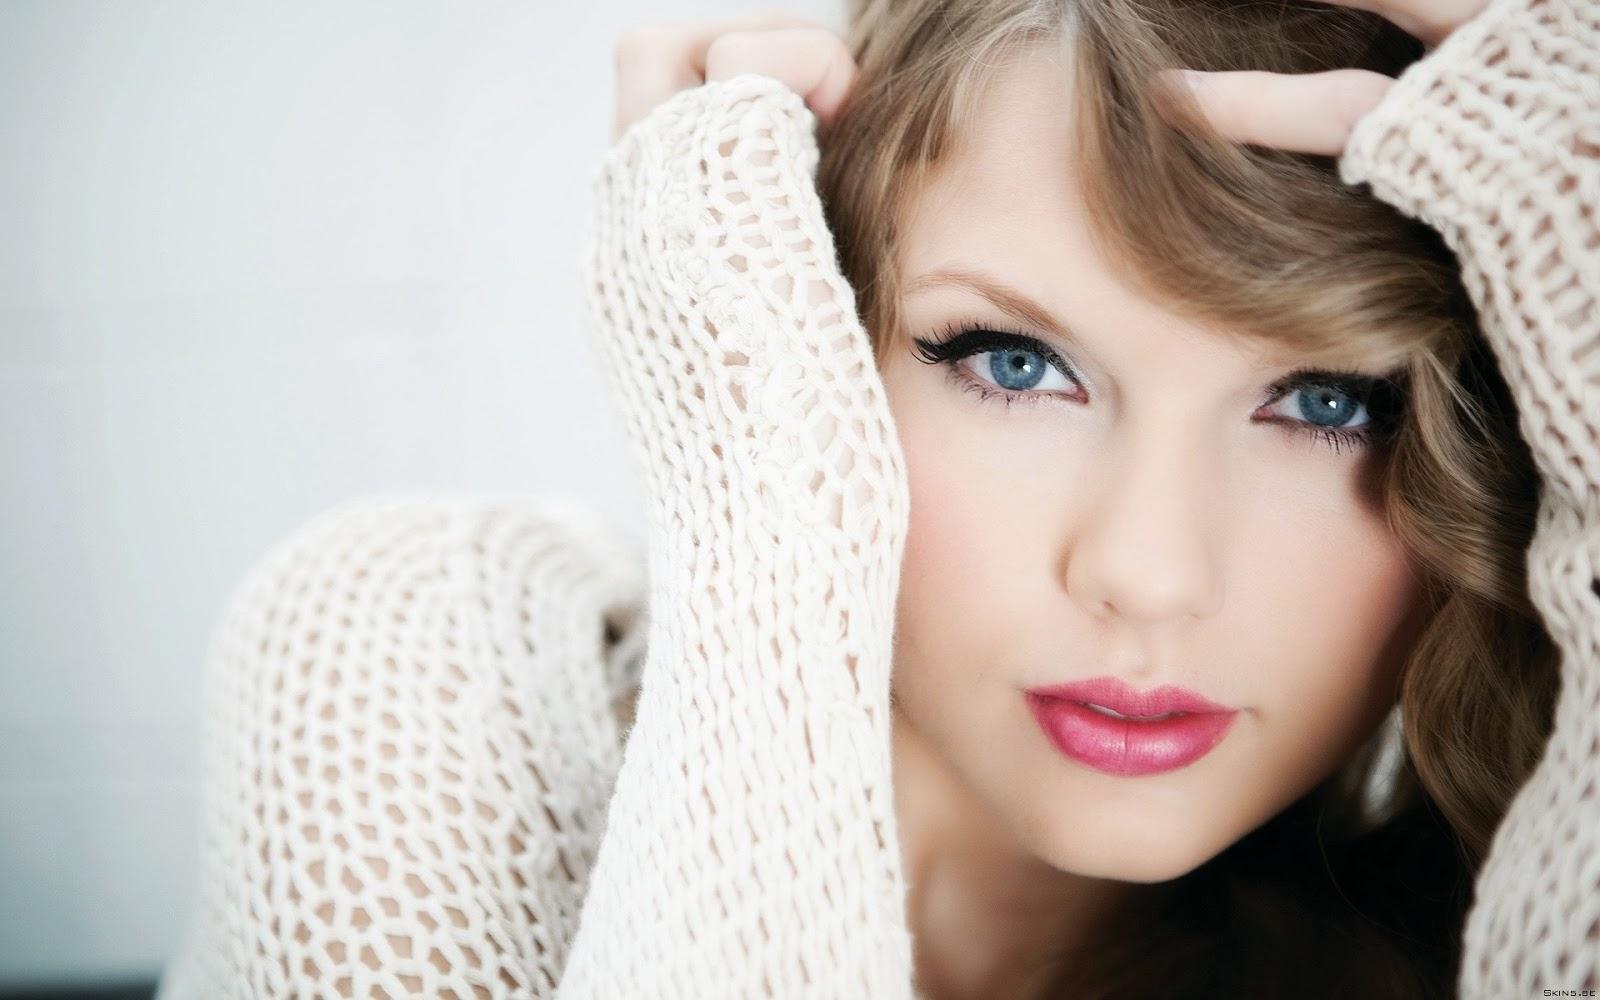 Fondo de Pantalla Famosas Taylor Swift y sus ojos   Eventos y ...